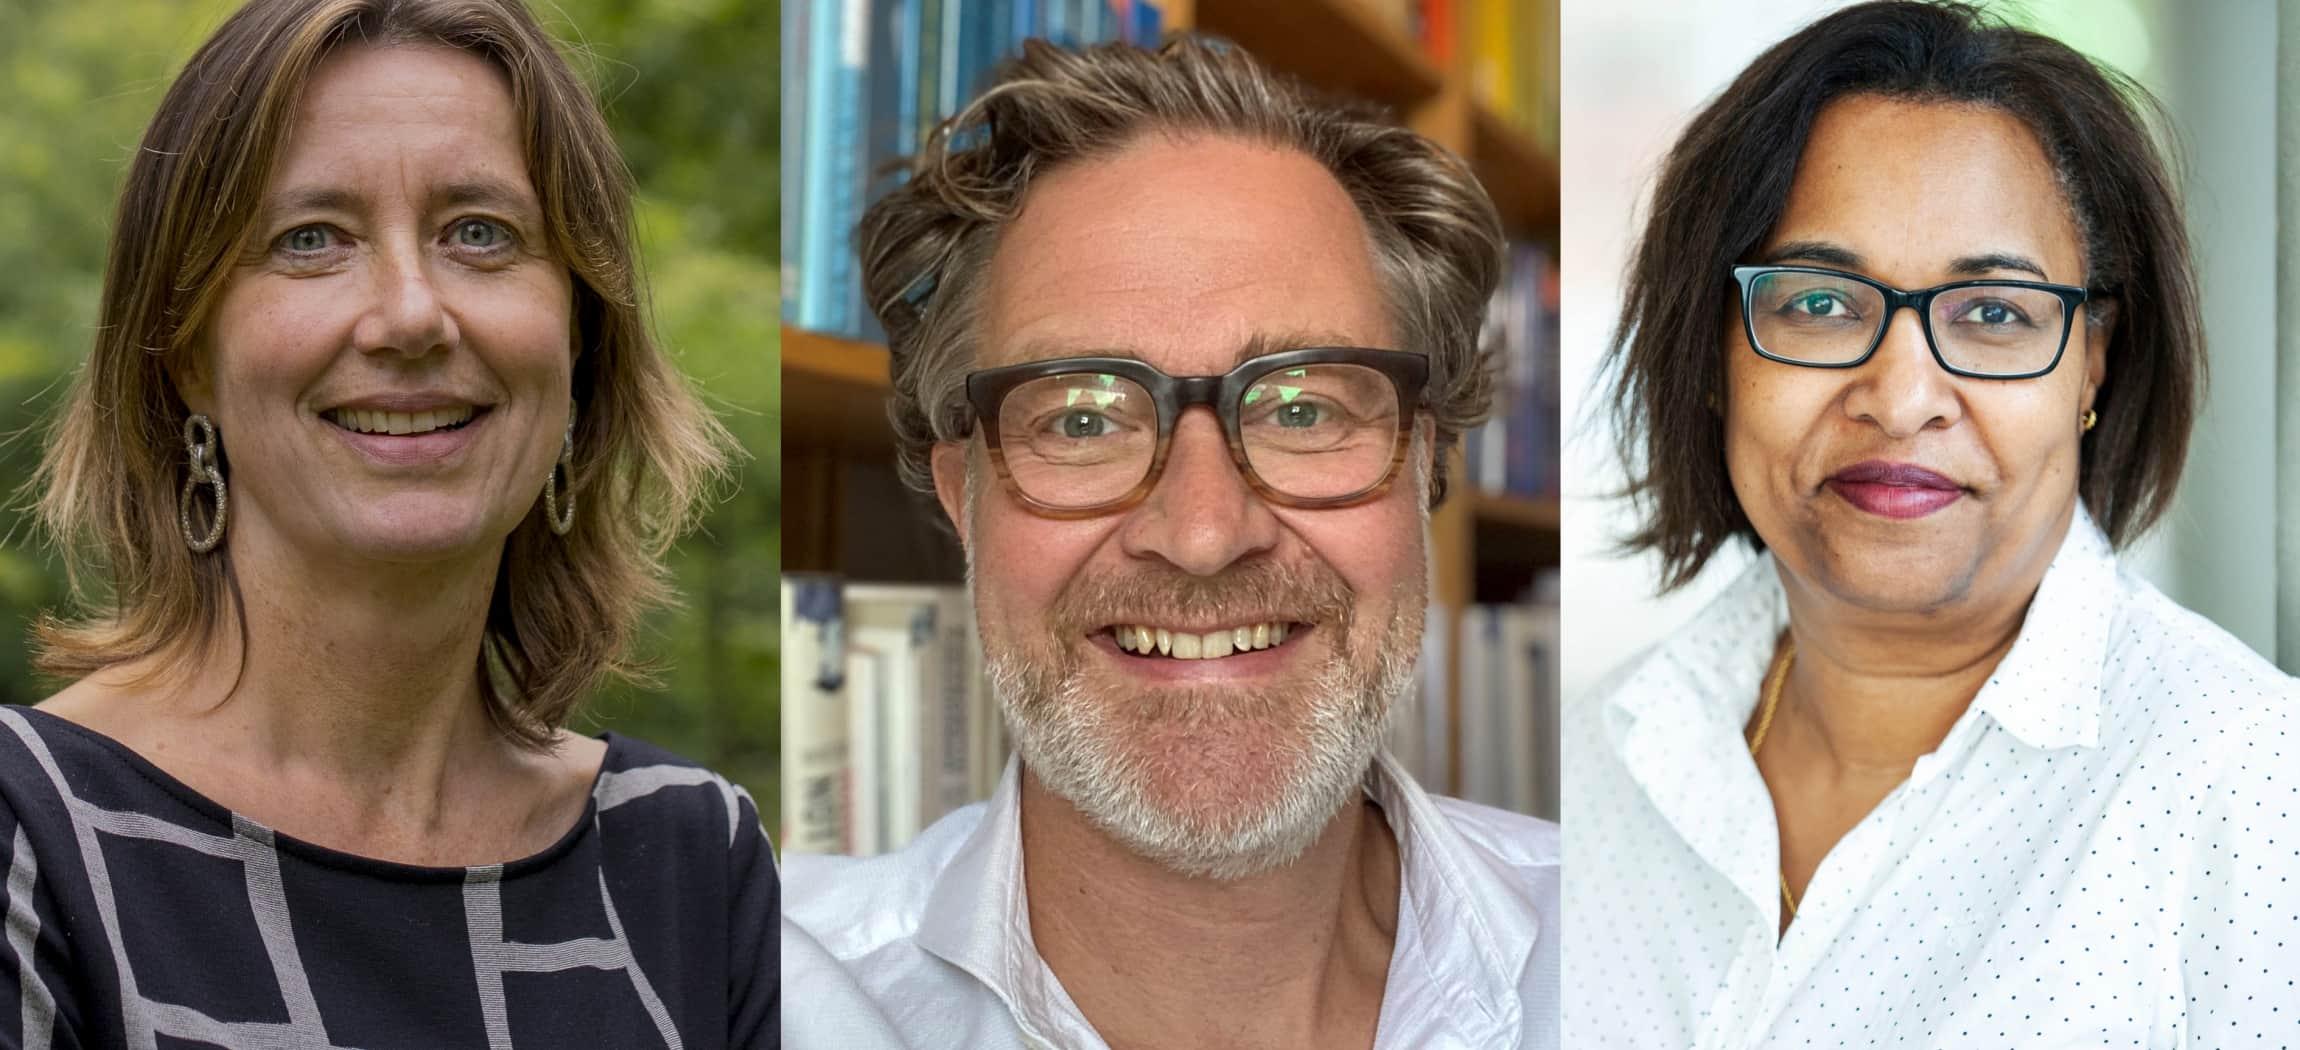 Afbeelding van Amstelring benoemt nieuwe voorzitters en nieuw lid Raad van Toezicht